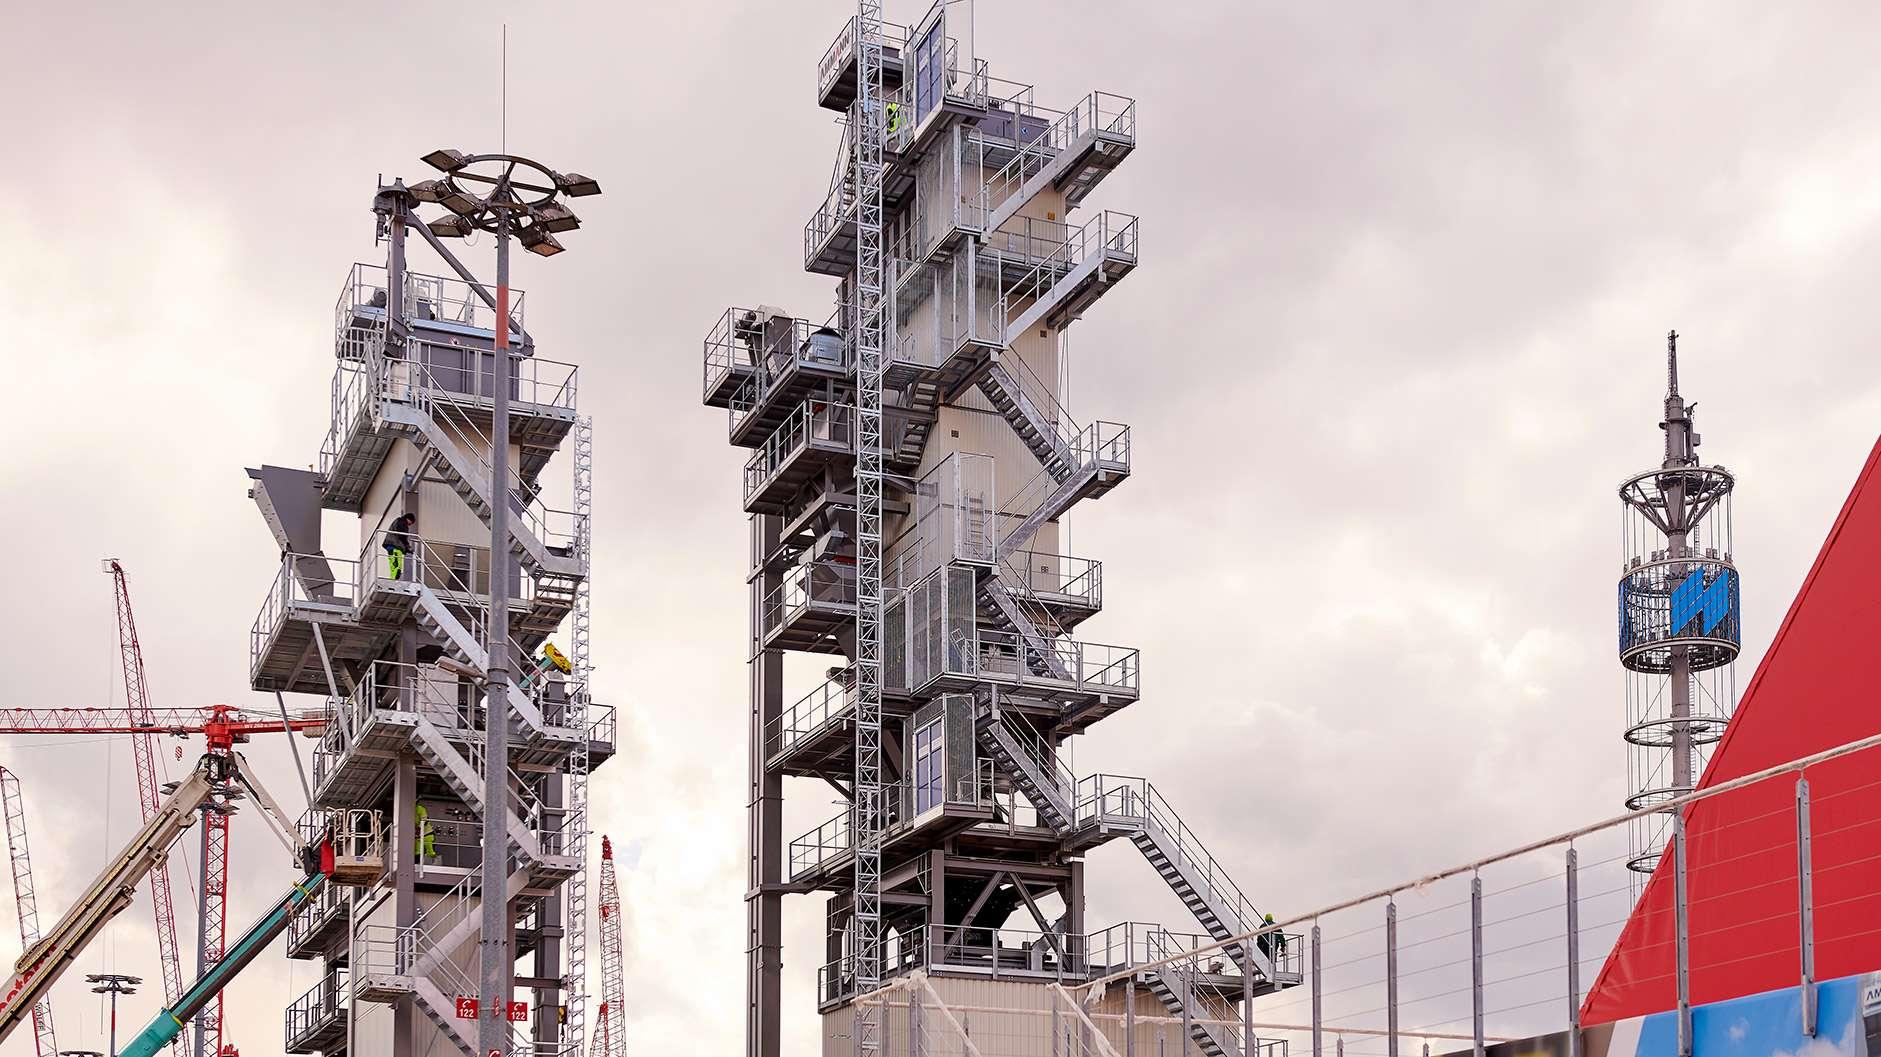 Stahlkoloss: 40 Meter hohe Asphaltmischanlagen warten auf die Besucher.